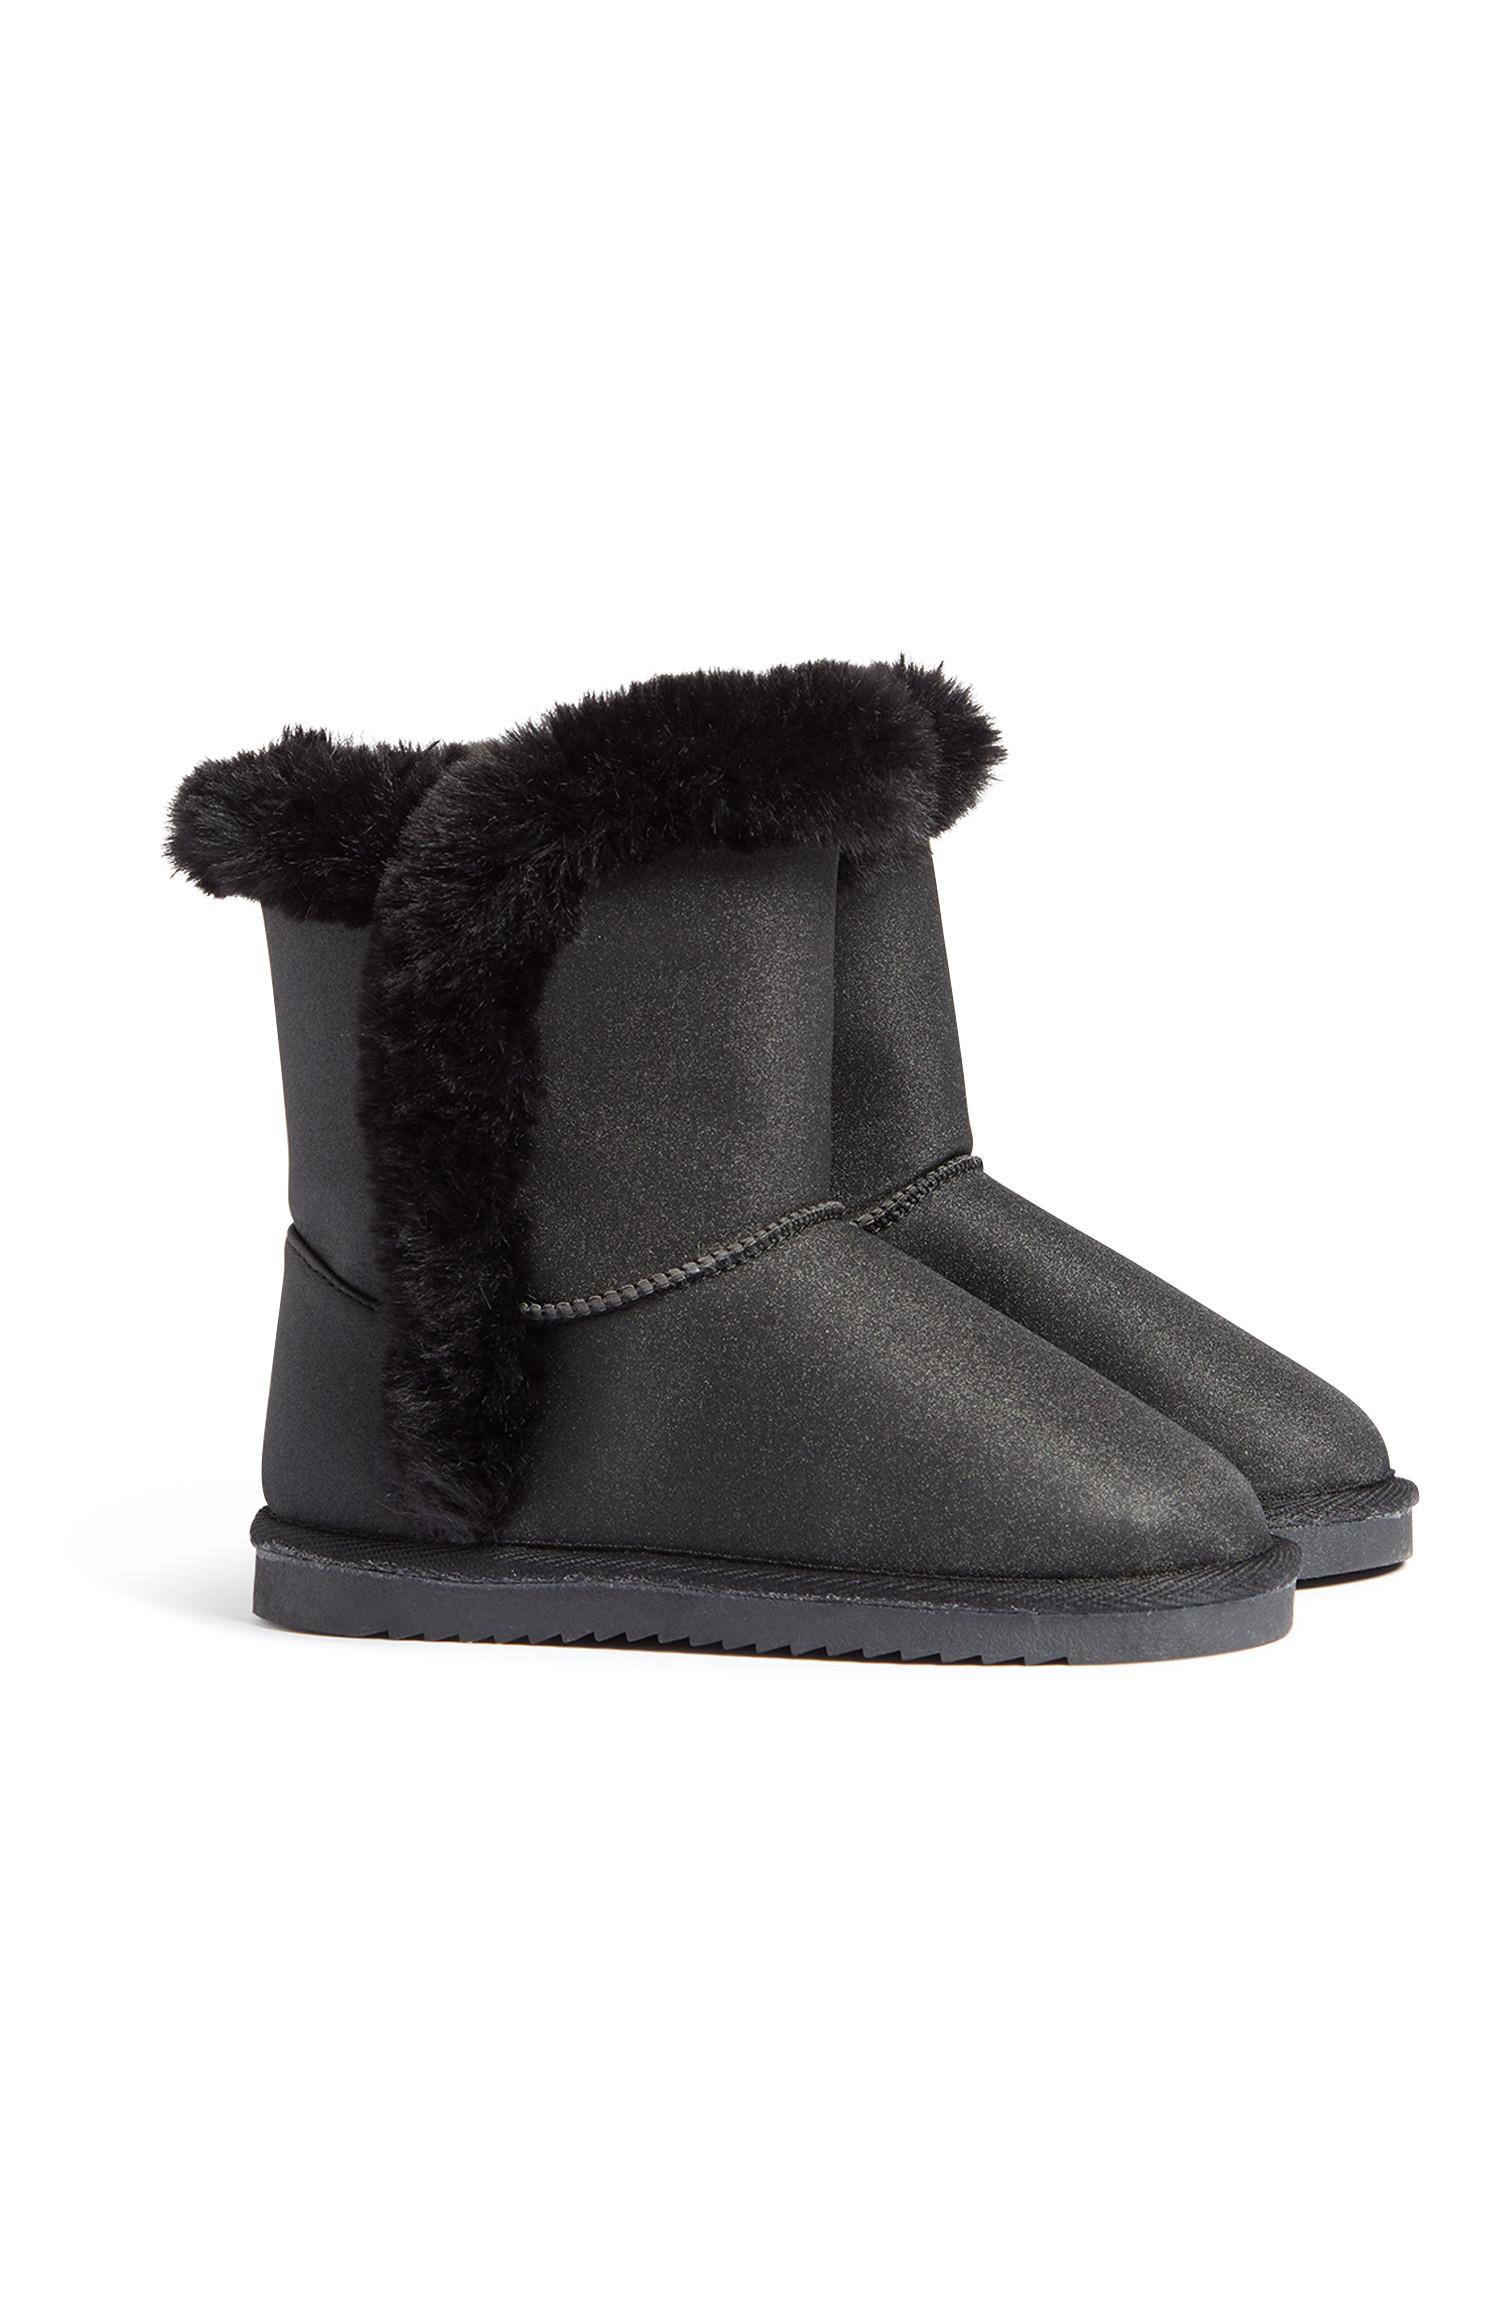 Older Girl Black Snug Boot